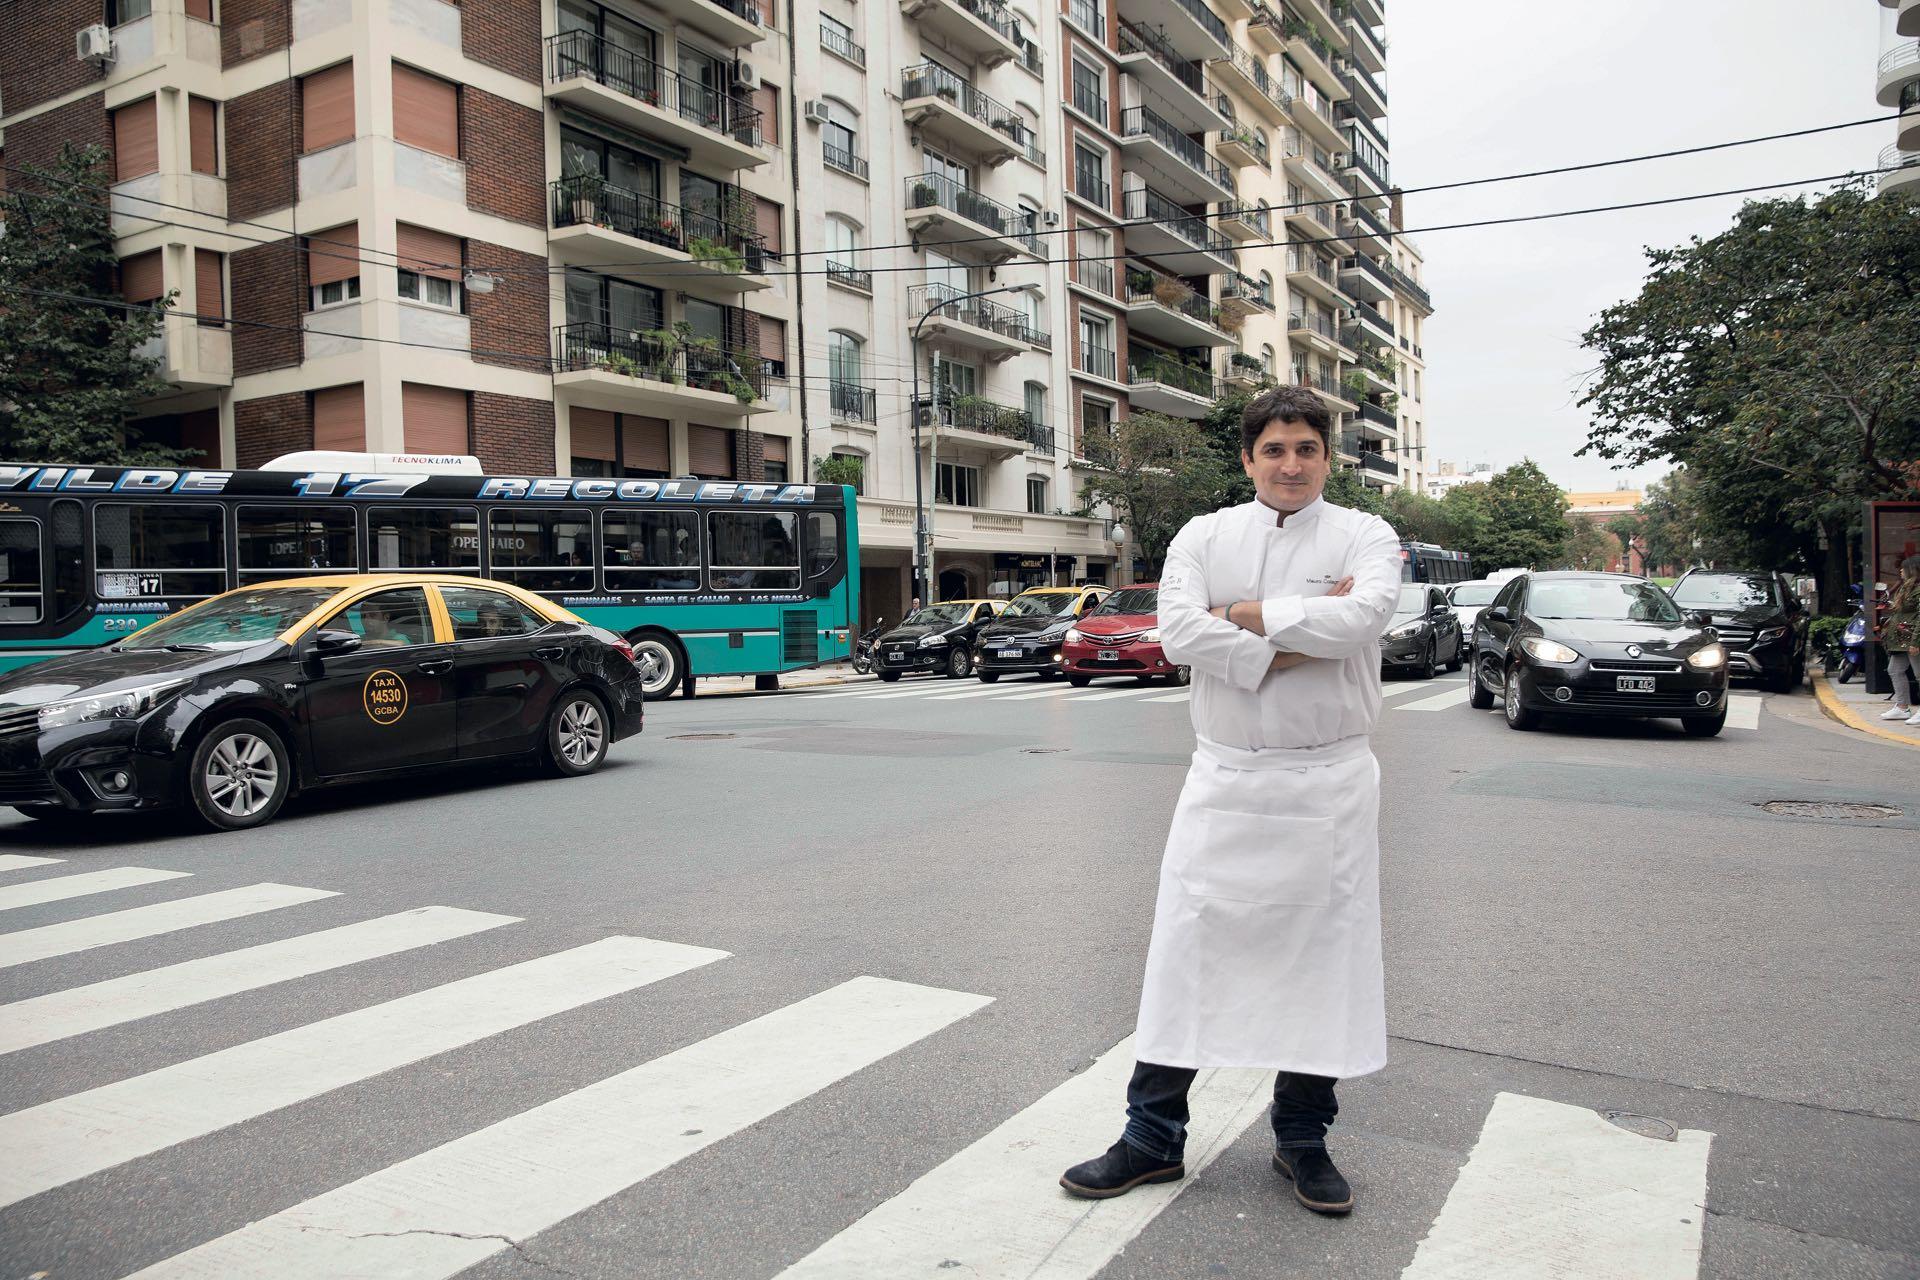 El gran chef platense en Alvear, la más francesa de las avenidas porteñas. Confiesa que cambió la apertura de su restó en Niza por unos días en Buenos Aires. (Fotos: Christian Beliera y Maximiliano Vernazza/GENTE)